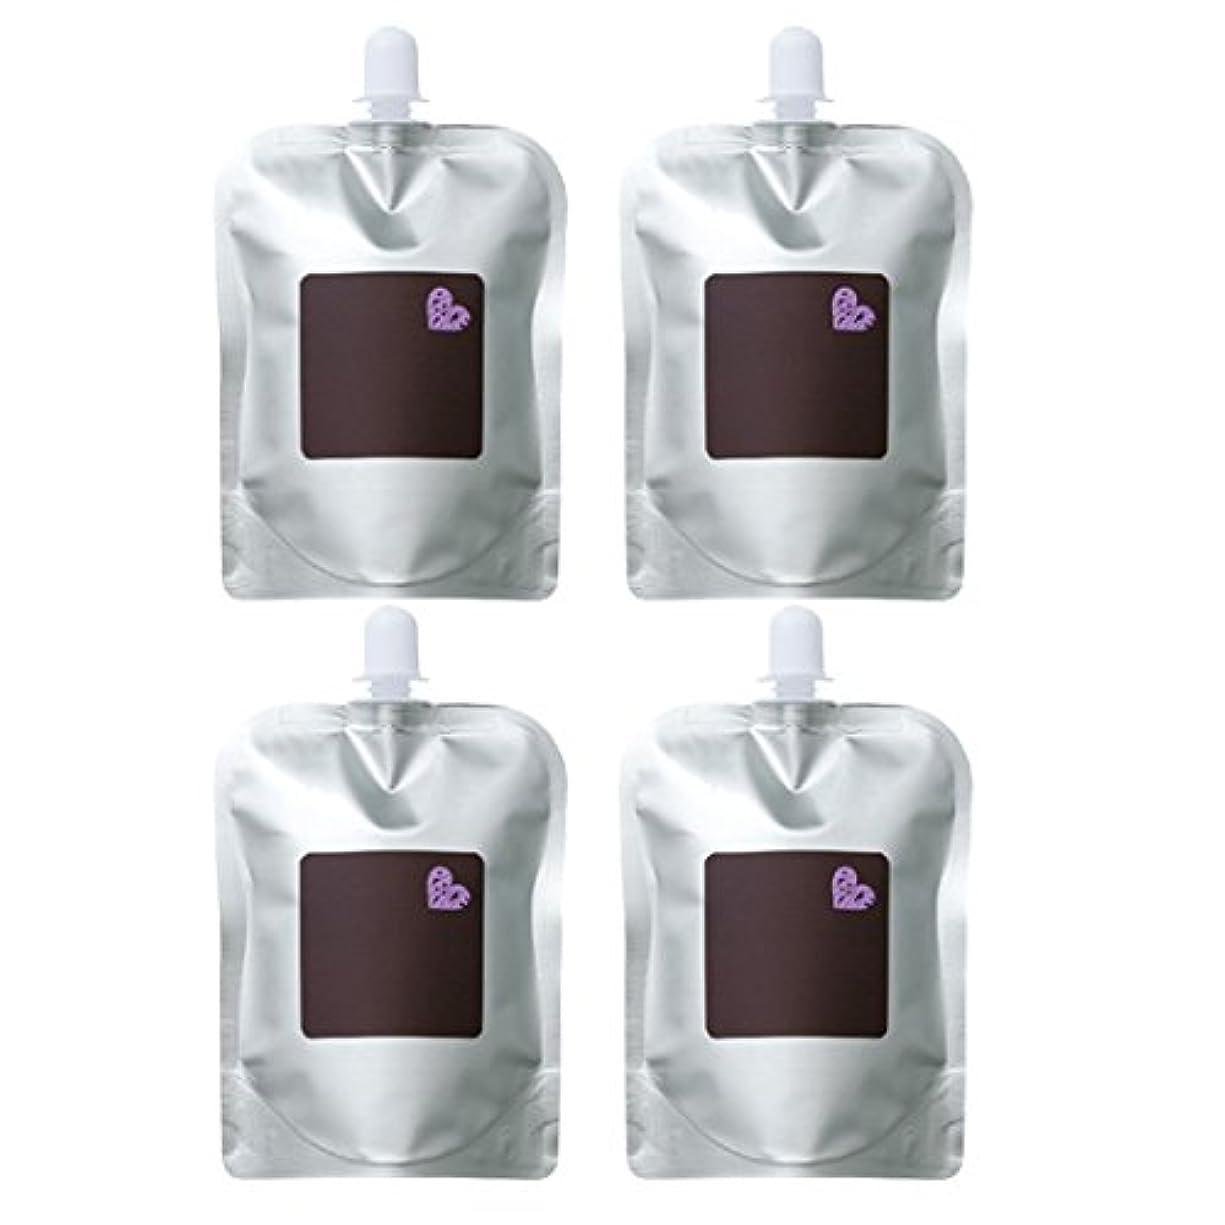 気を散らす怖がらせる信頼性のある【X4個セット】 アリミノ ピース バウンシーカール ホイップ 400g 詰替え用